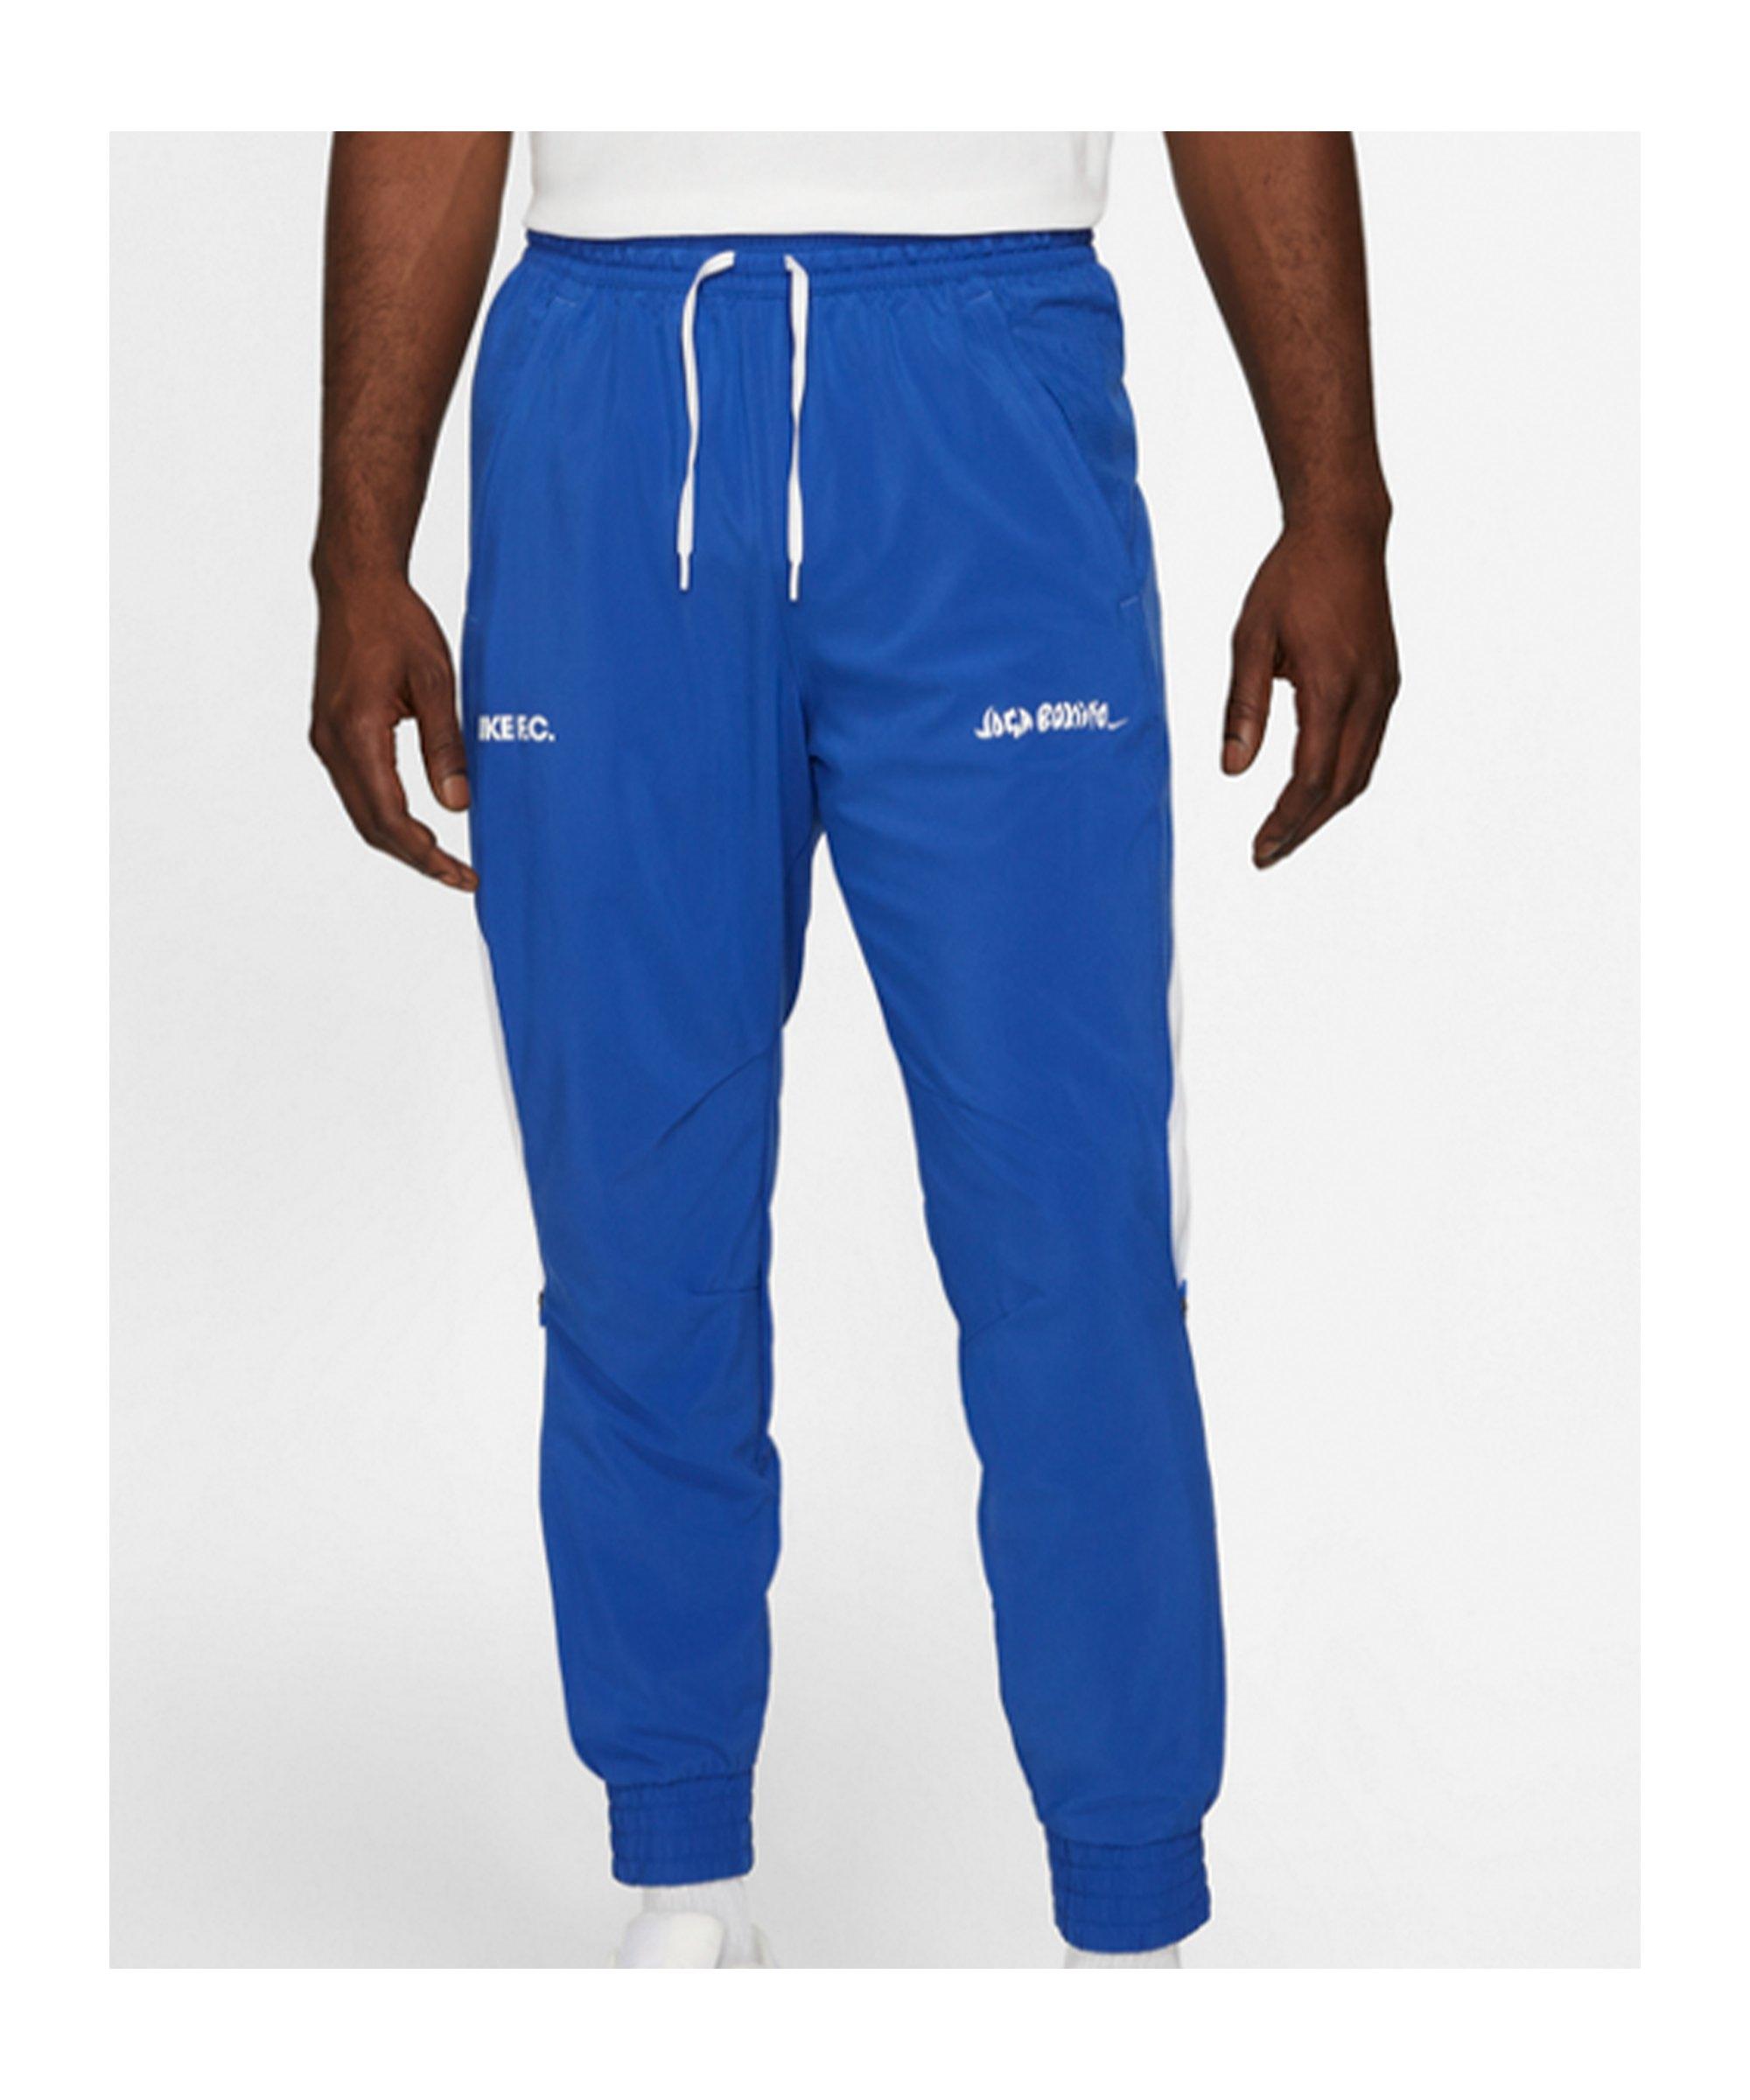 Nike F.C. Joga Bonito Woven Hose Blau F480 - blau